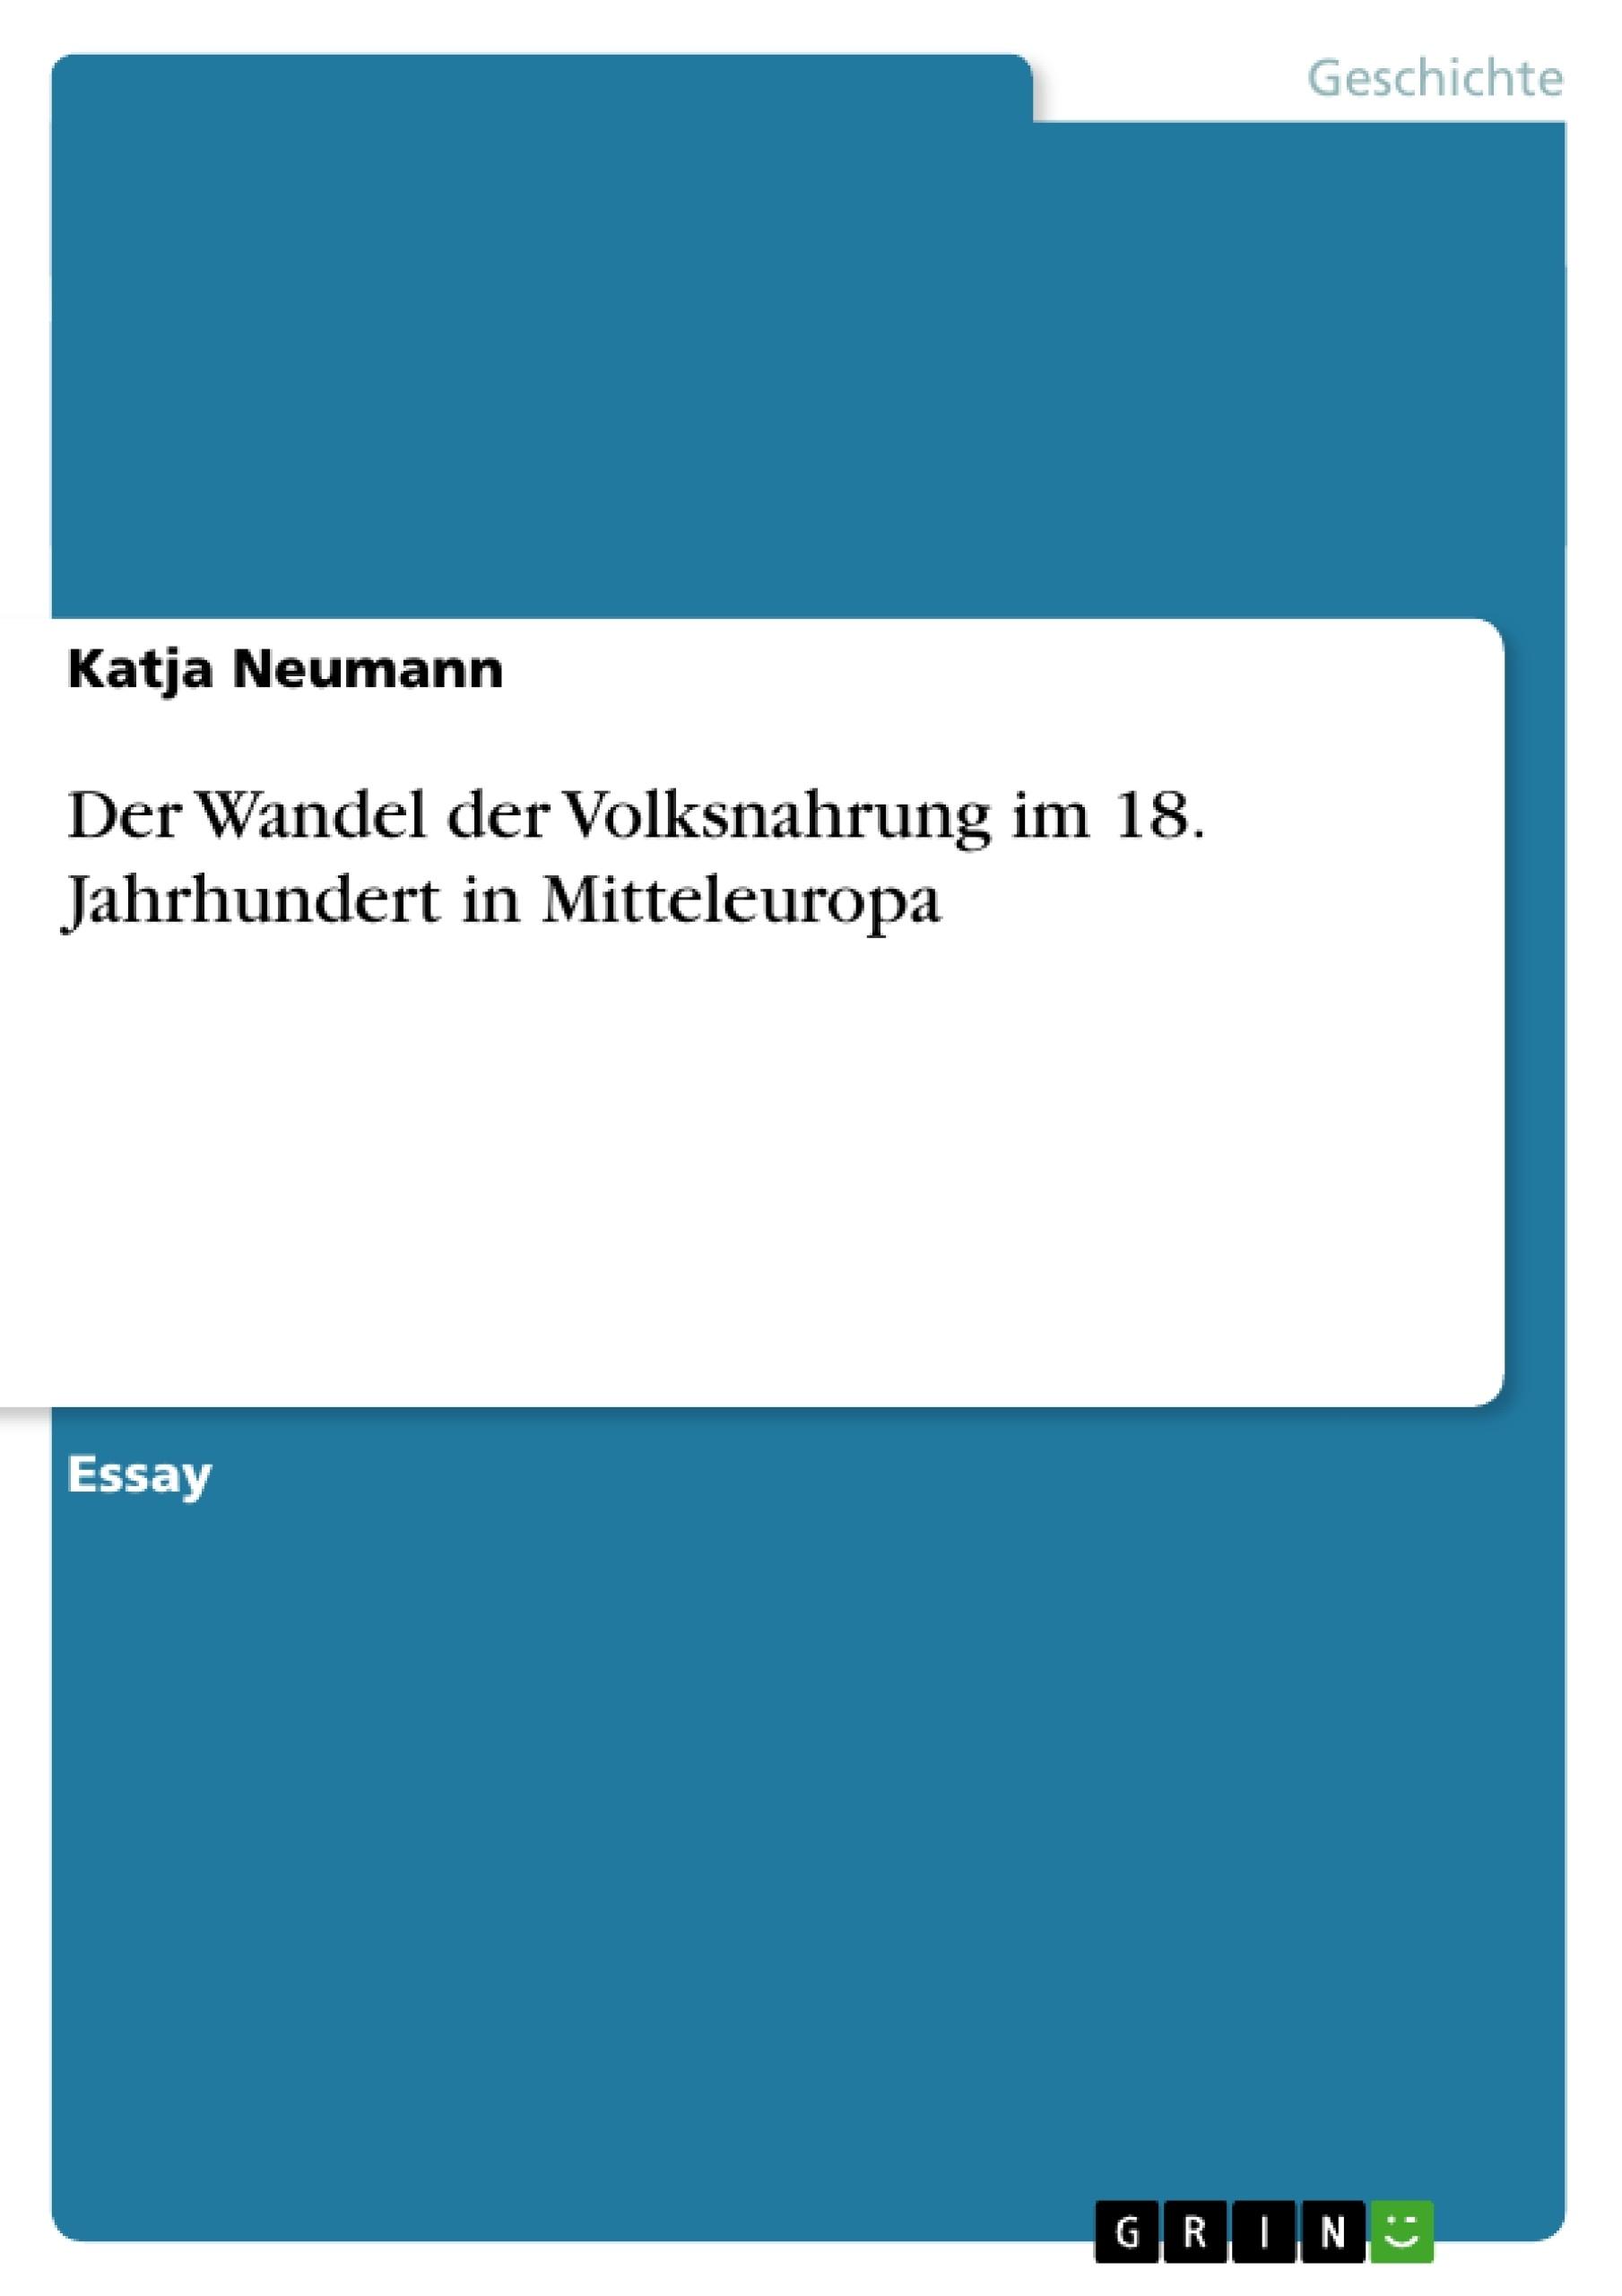 Titel: Der Wandel der Volksnahrung im 18. Jahrhundert in Mitteleuropa